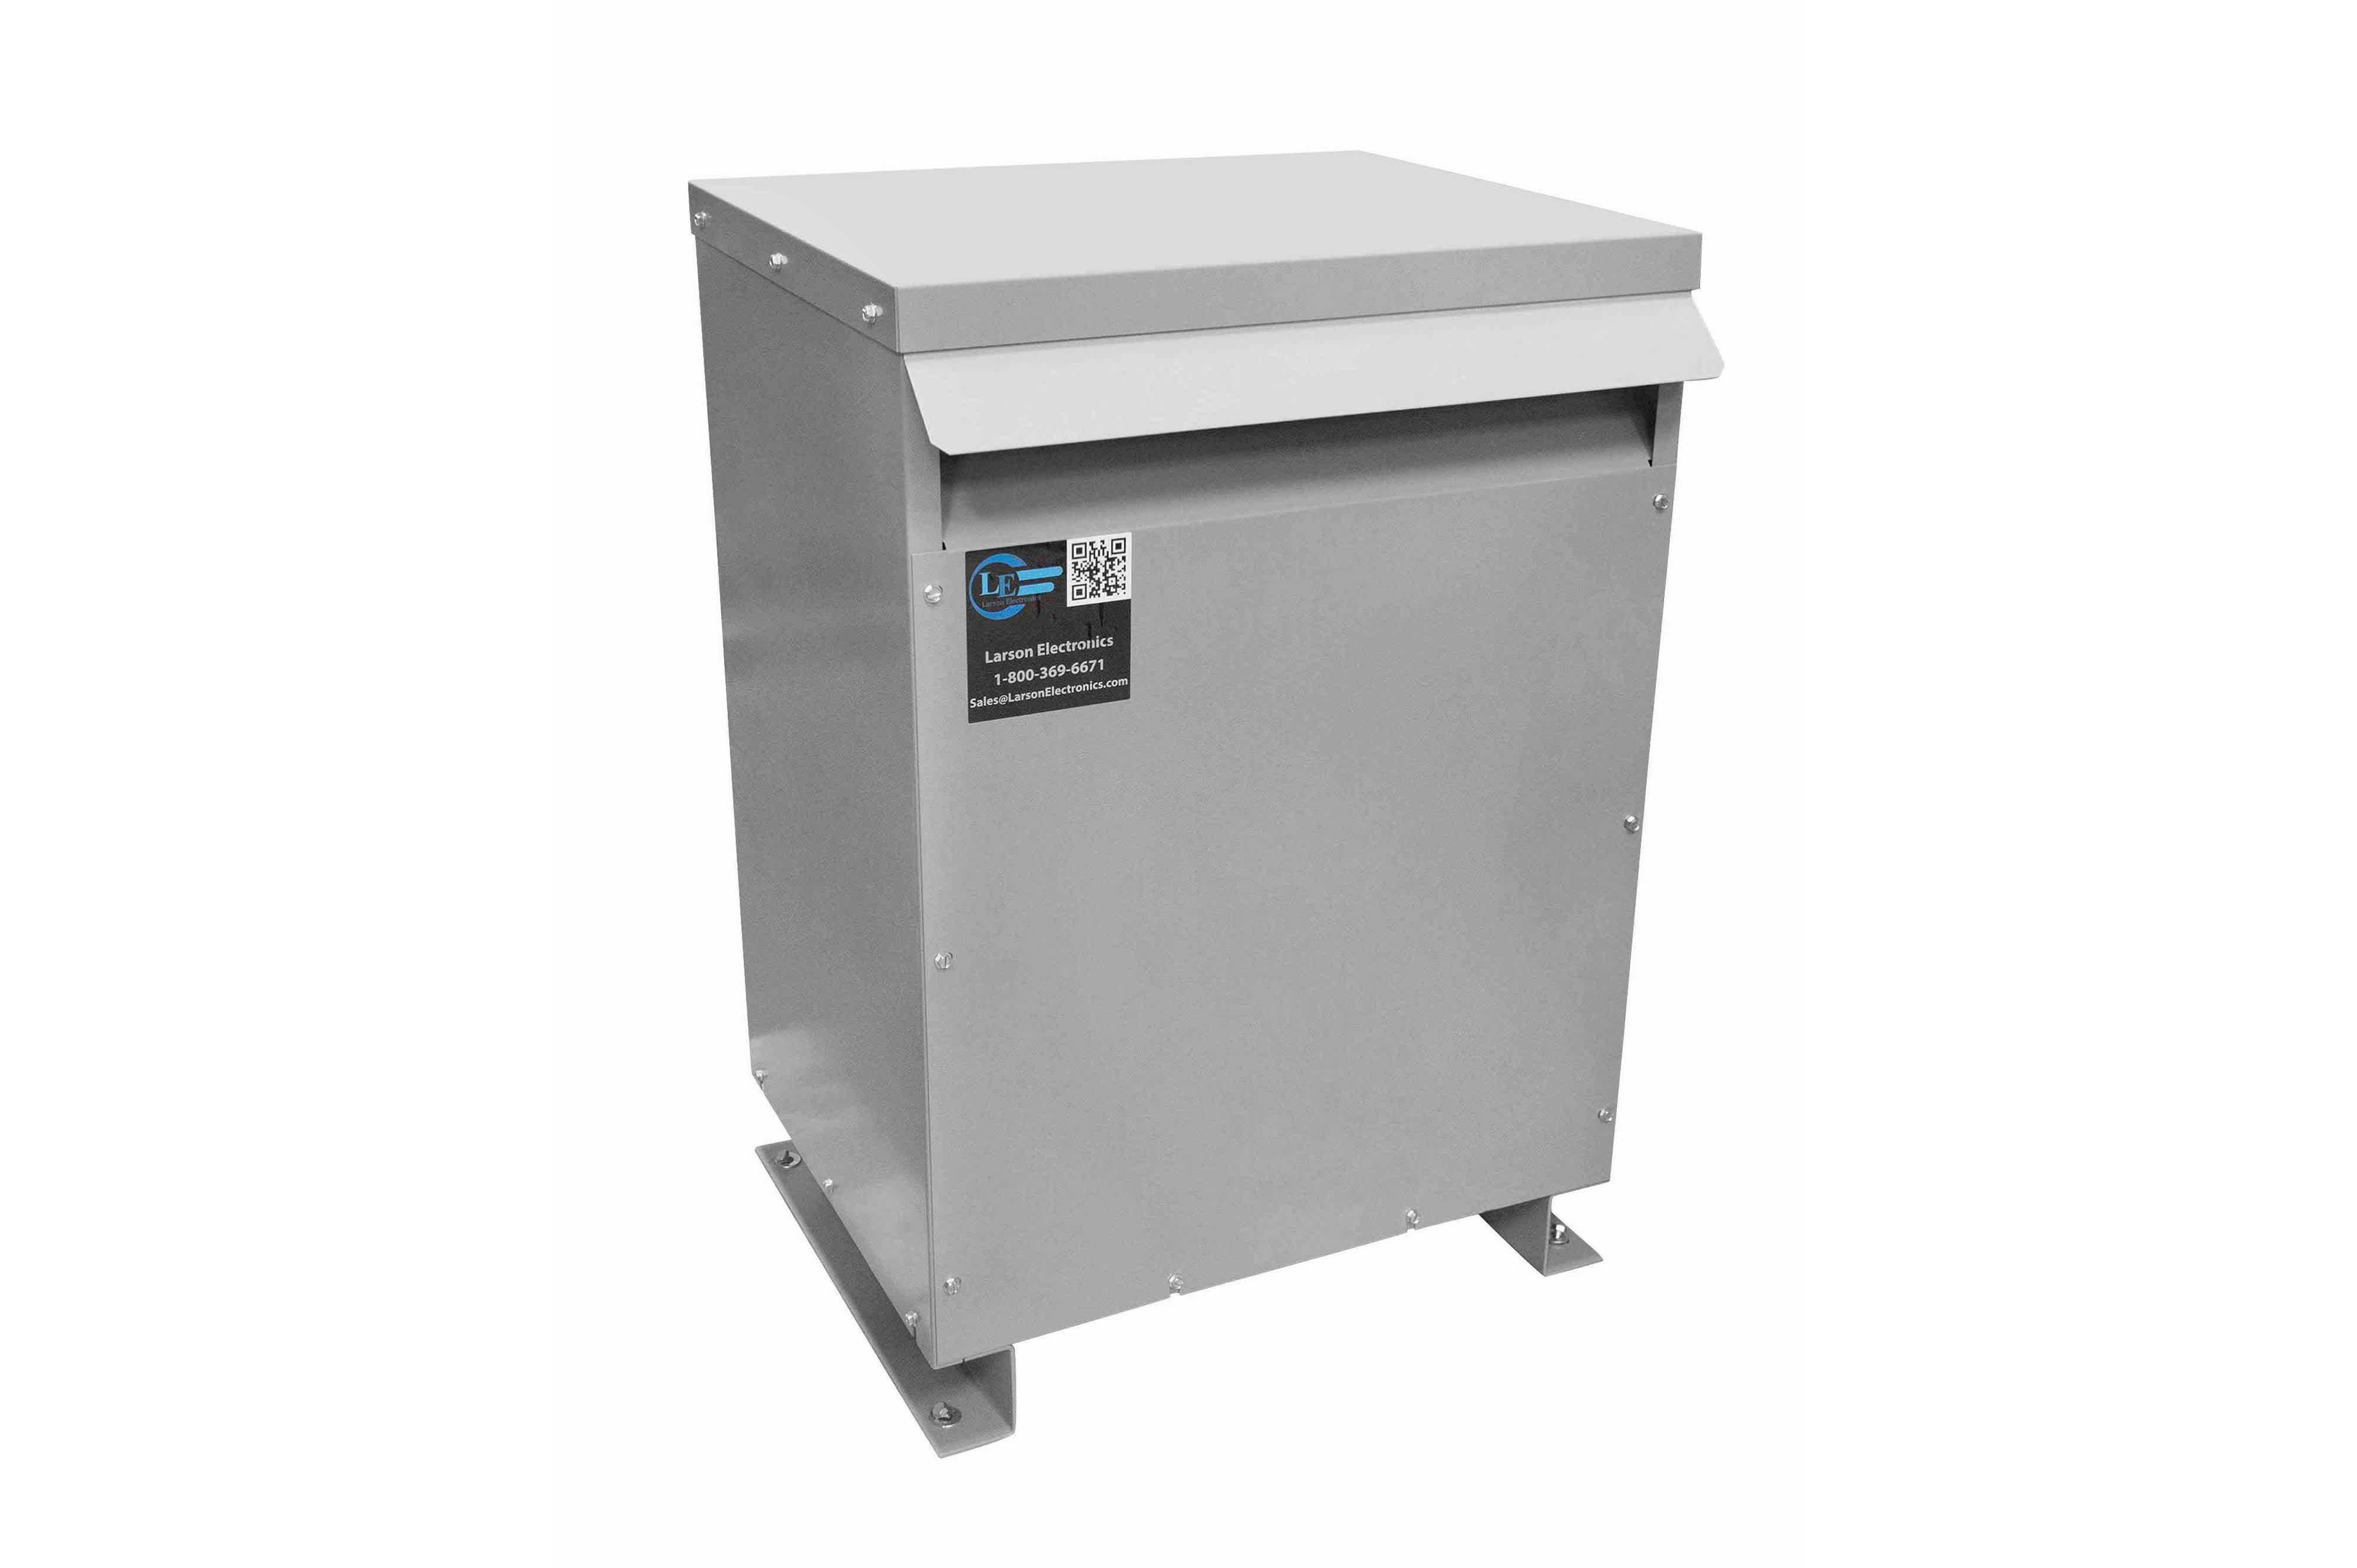 167 kVA 3PH Isolation Transformer, 460V Delta Primary, 600V Delta Secondary, N3R, Ventilated, 60 Hz